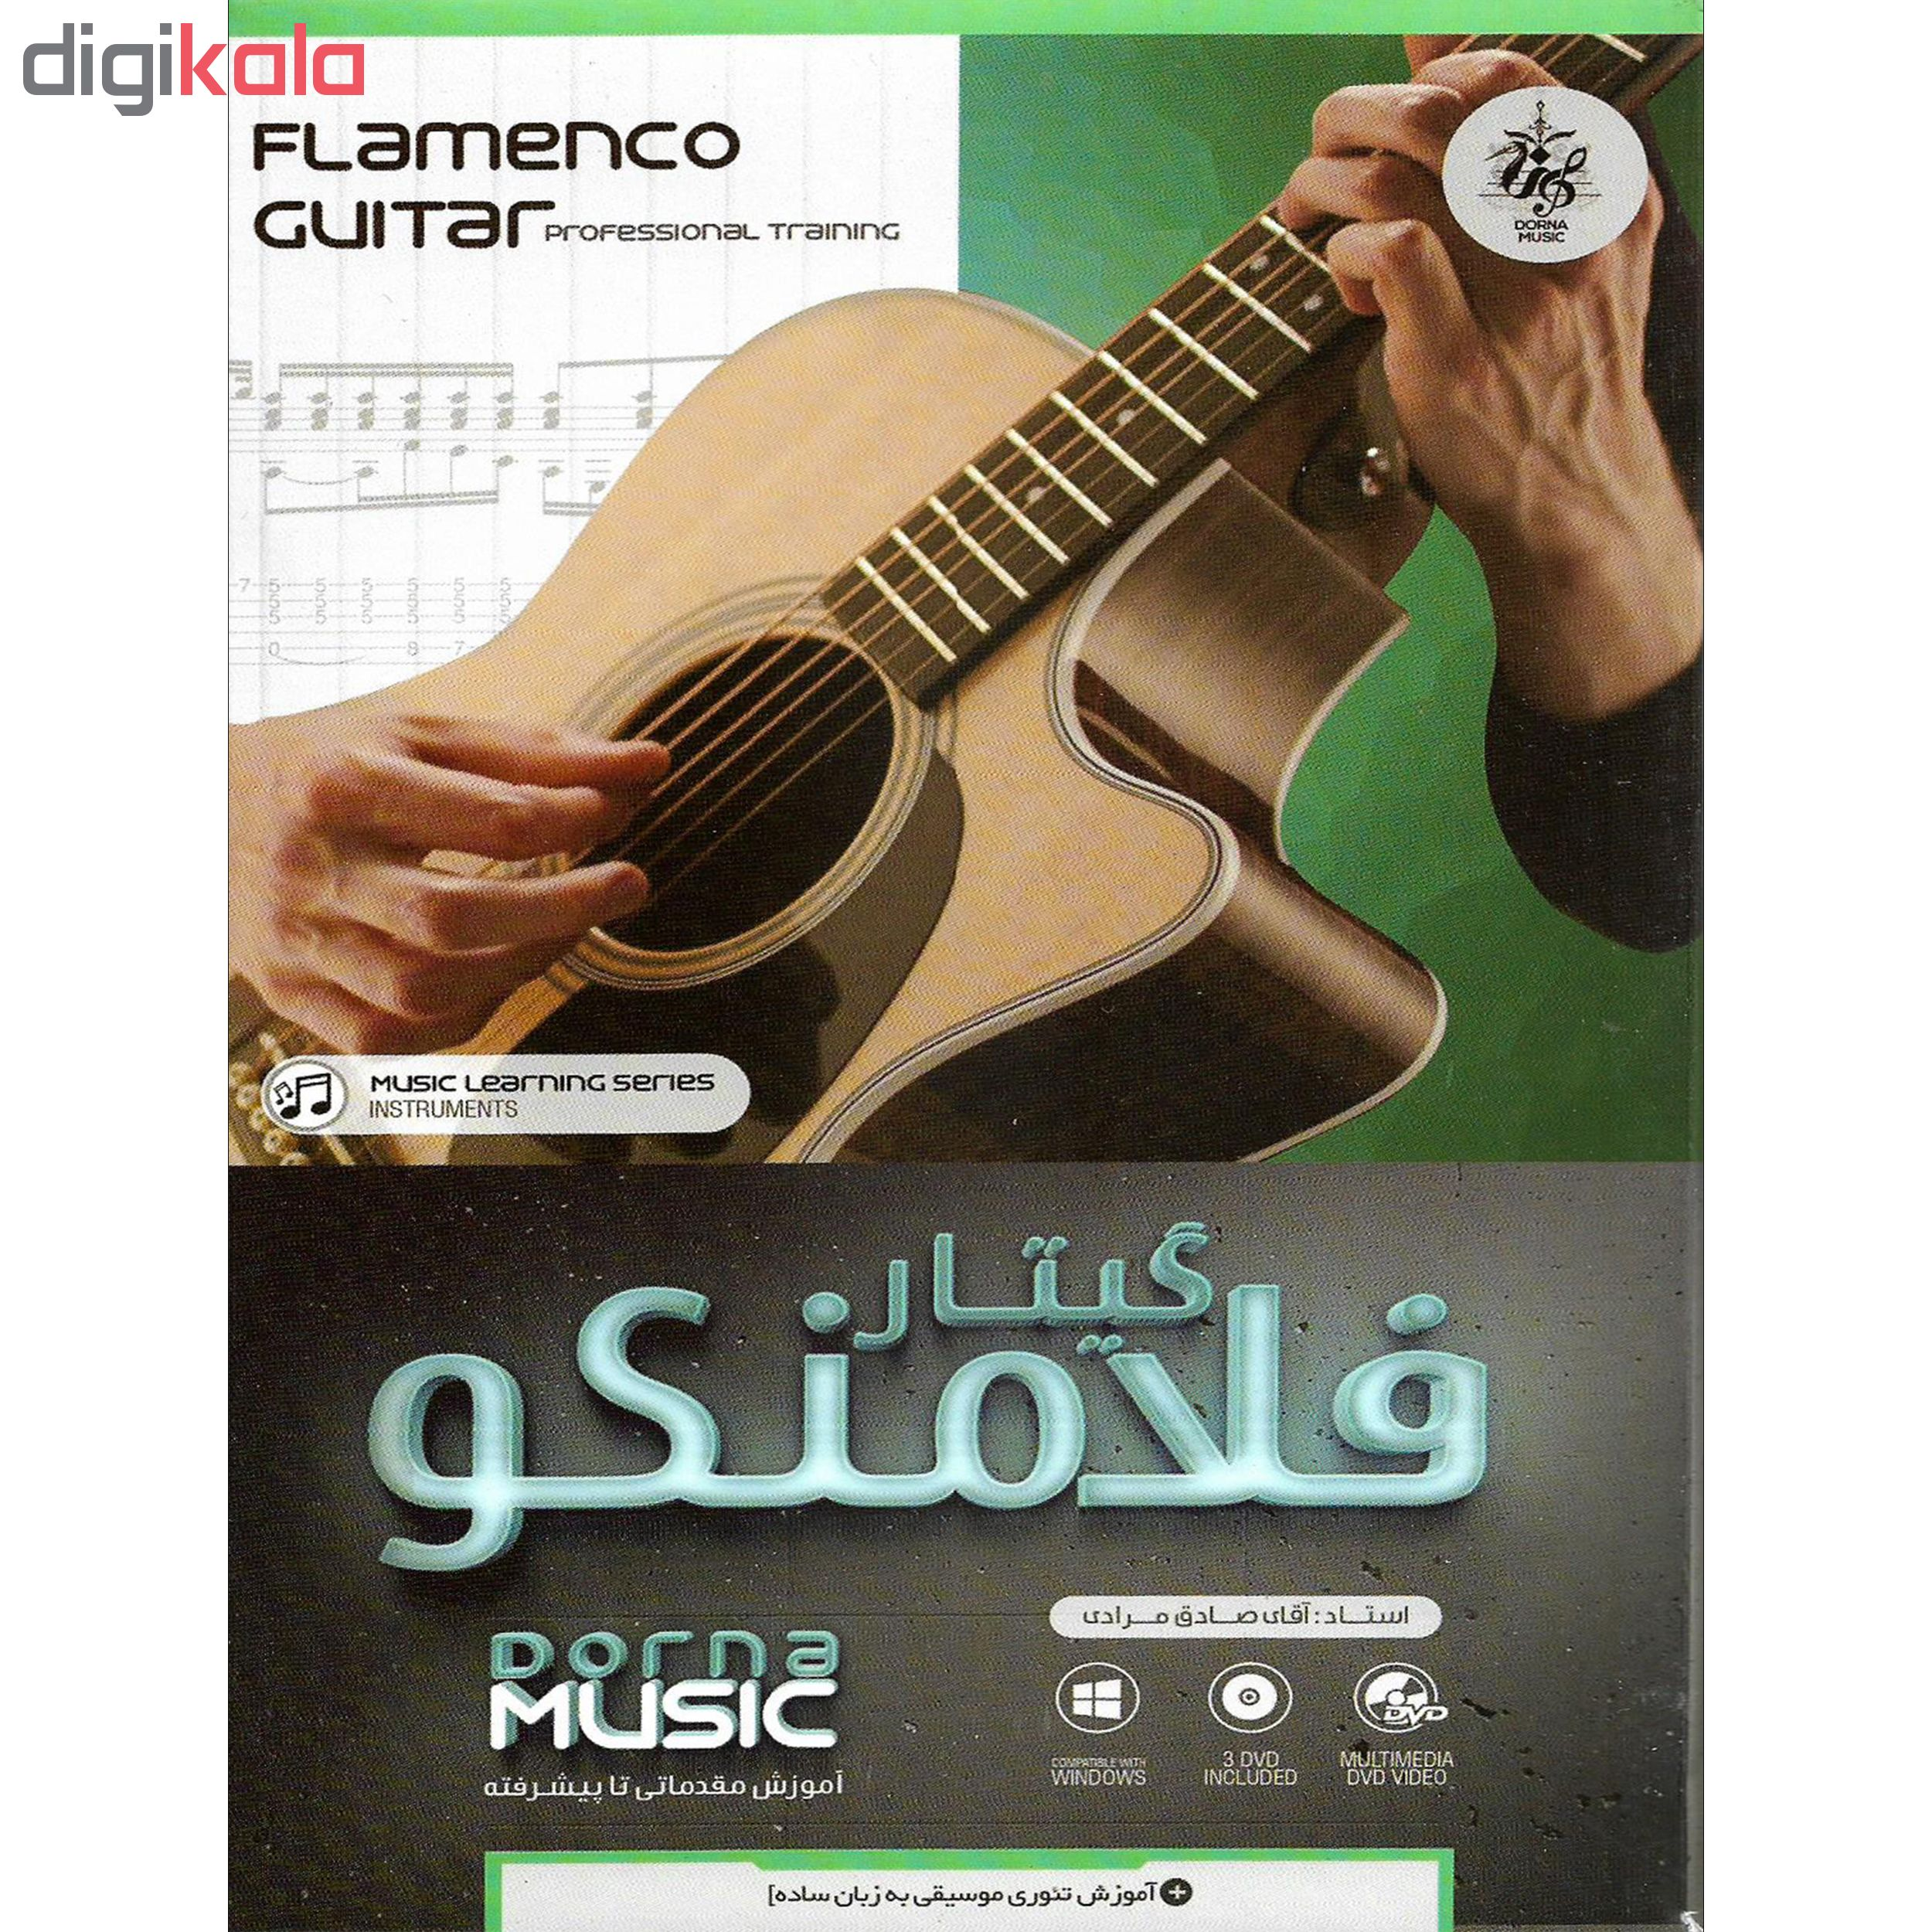 نرم افزار آموزشی تئوری موسیقی در گیتار نشر پاناپرداز به همراه نرم افزار آموزشی گیتار فلامنکو نشر درنا